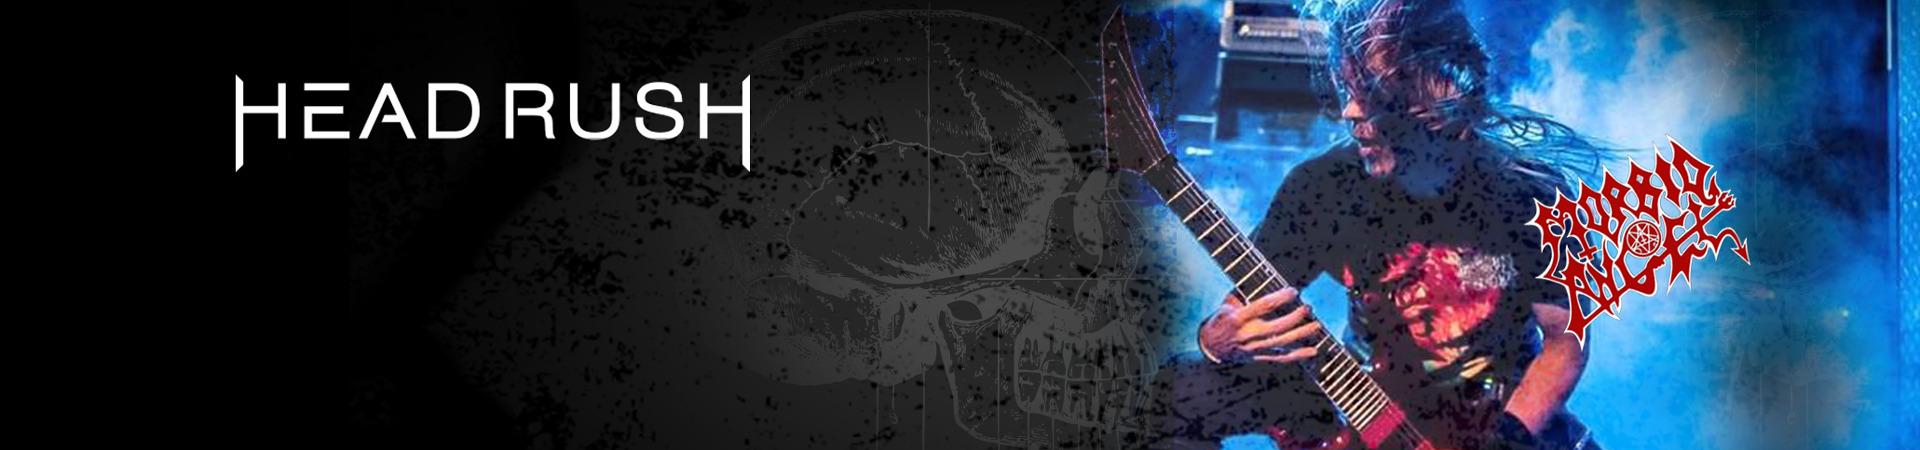 Dan Vadim Von stworzył kolekcję brzmień do multiefektów HeadRusha